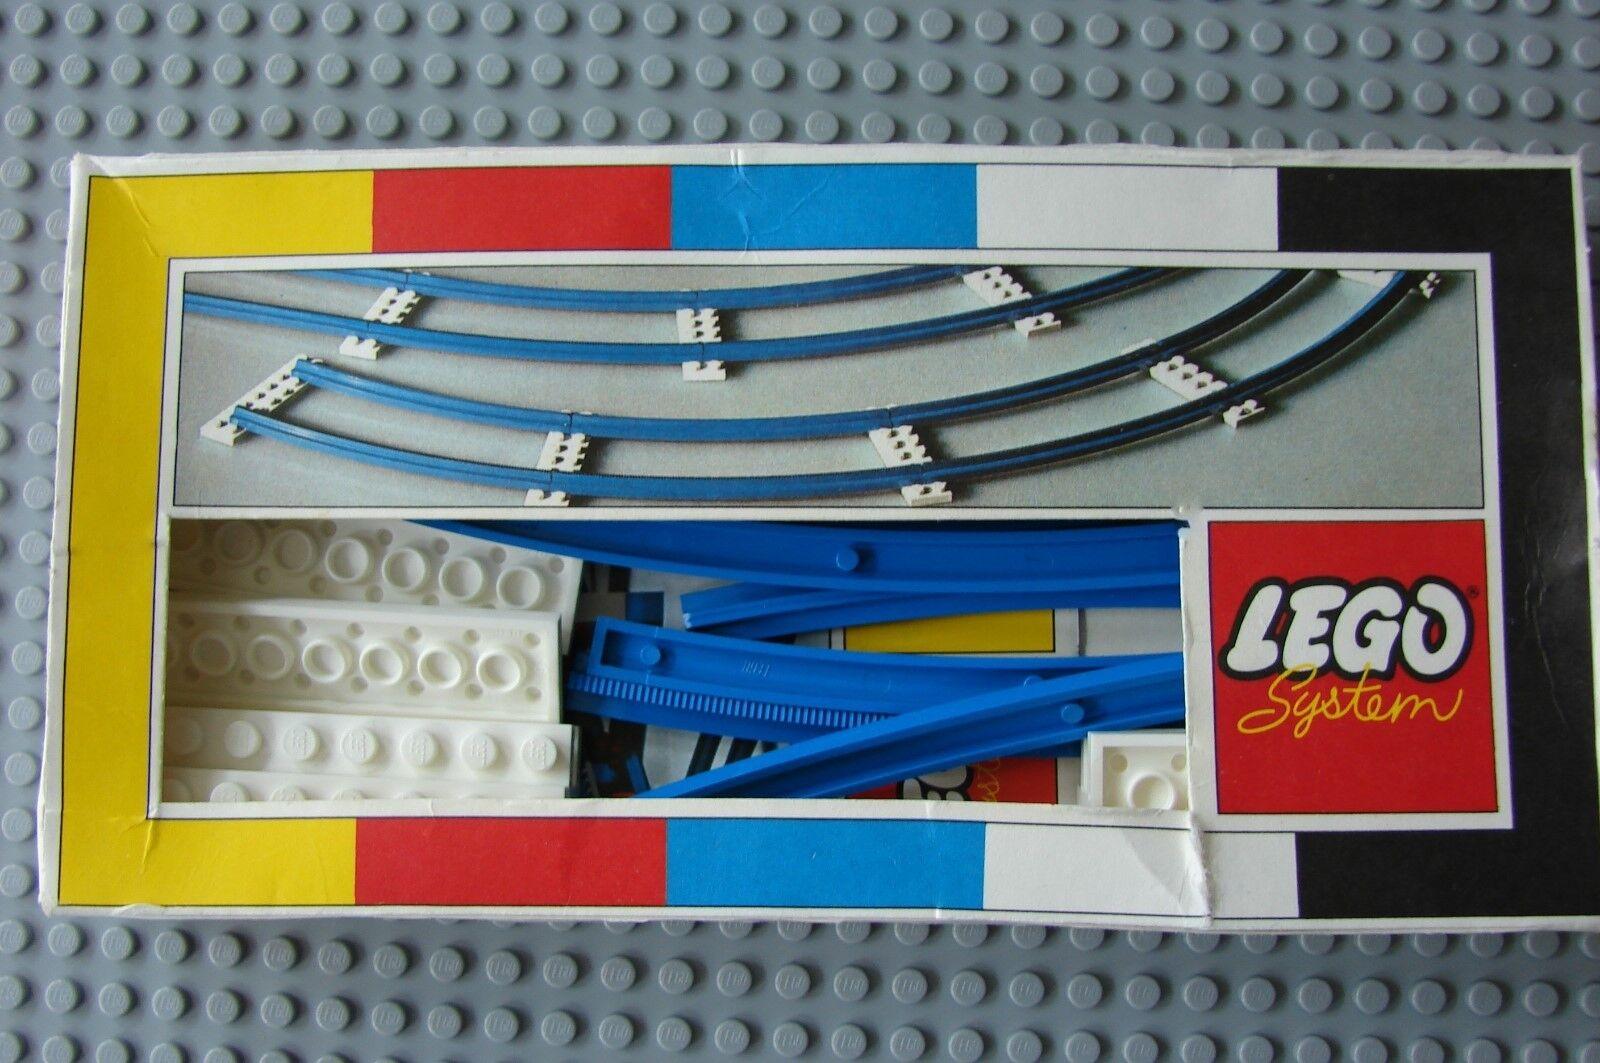 Nuevo Lego 151 Curva Tren Track 1966' Raro pendiente de Pat.